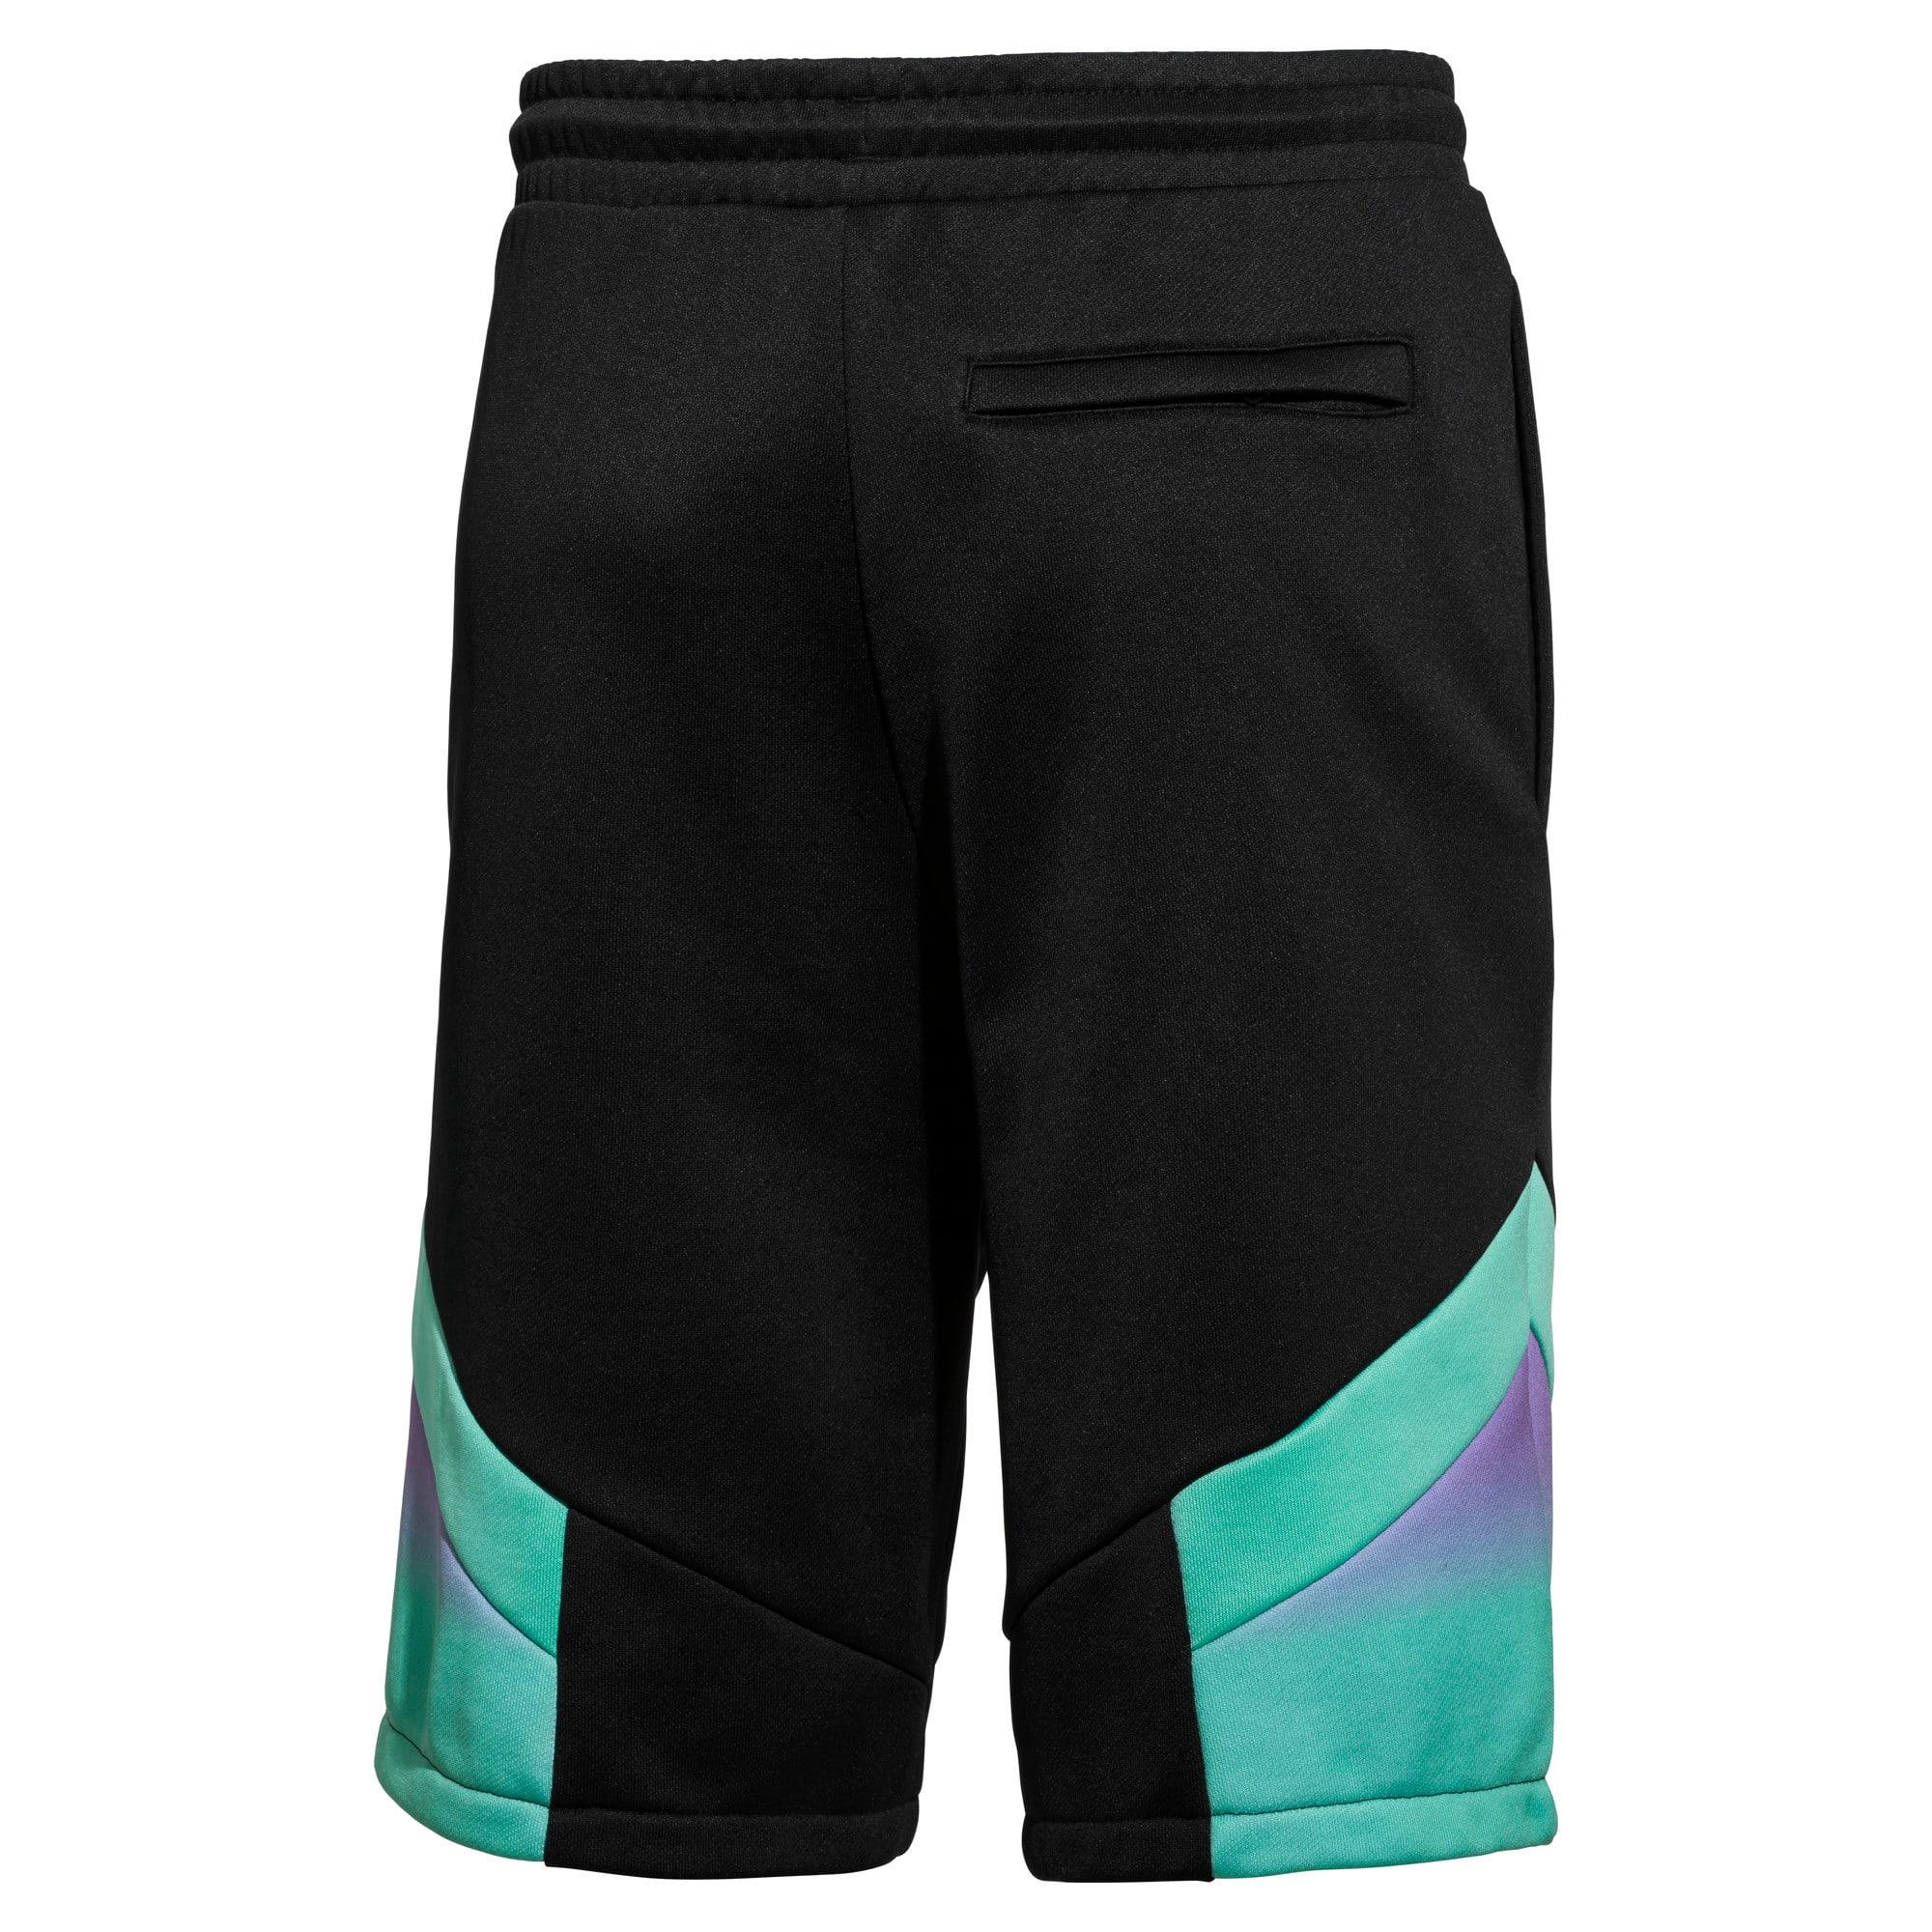 Thumbnail 2 of PUMA x MTV MCS Men's AOP Shorts, Puma Black-AOP, medium